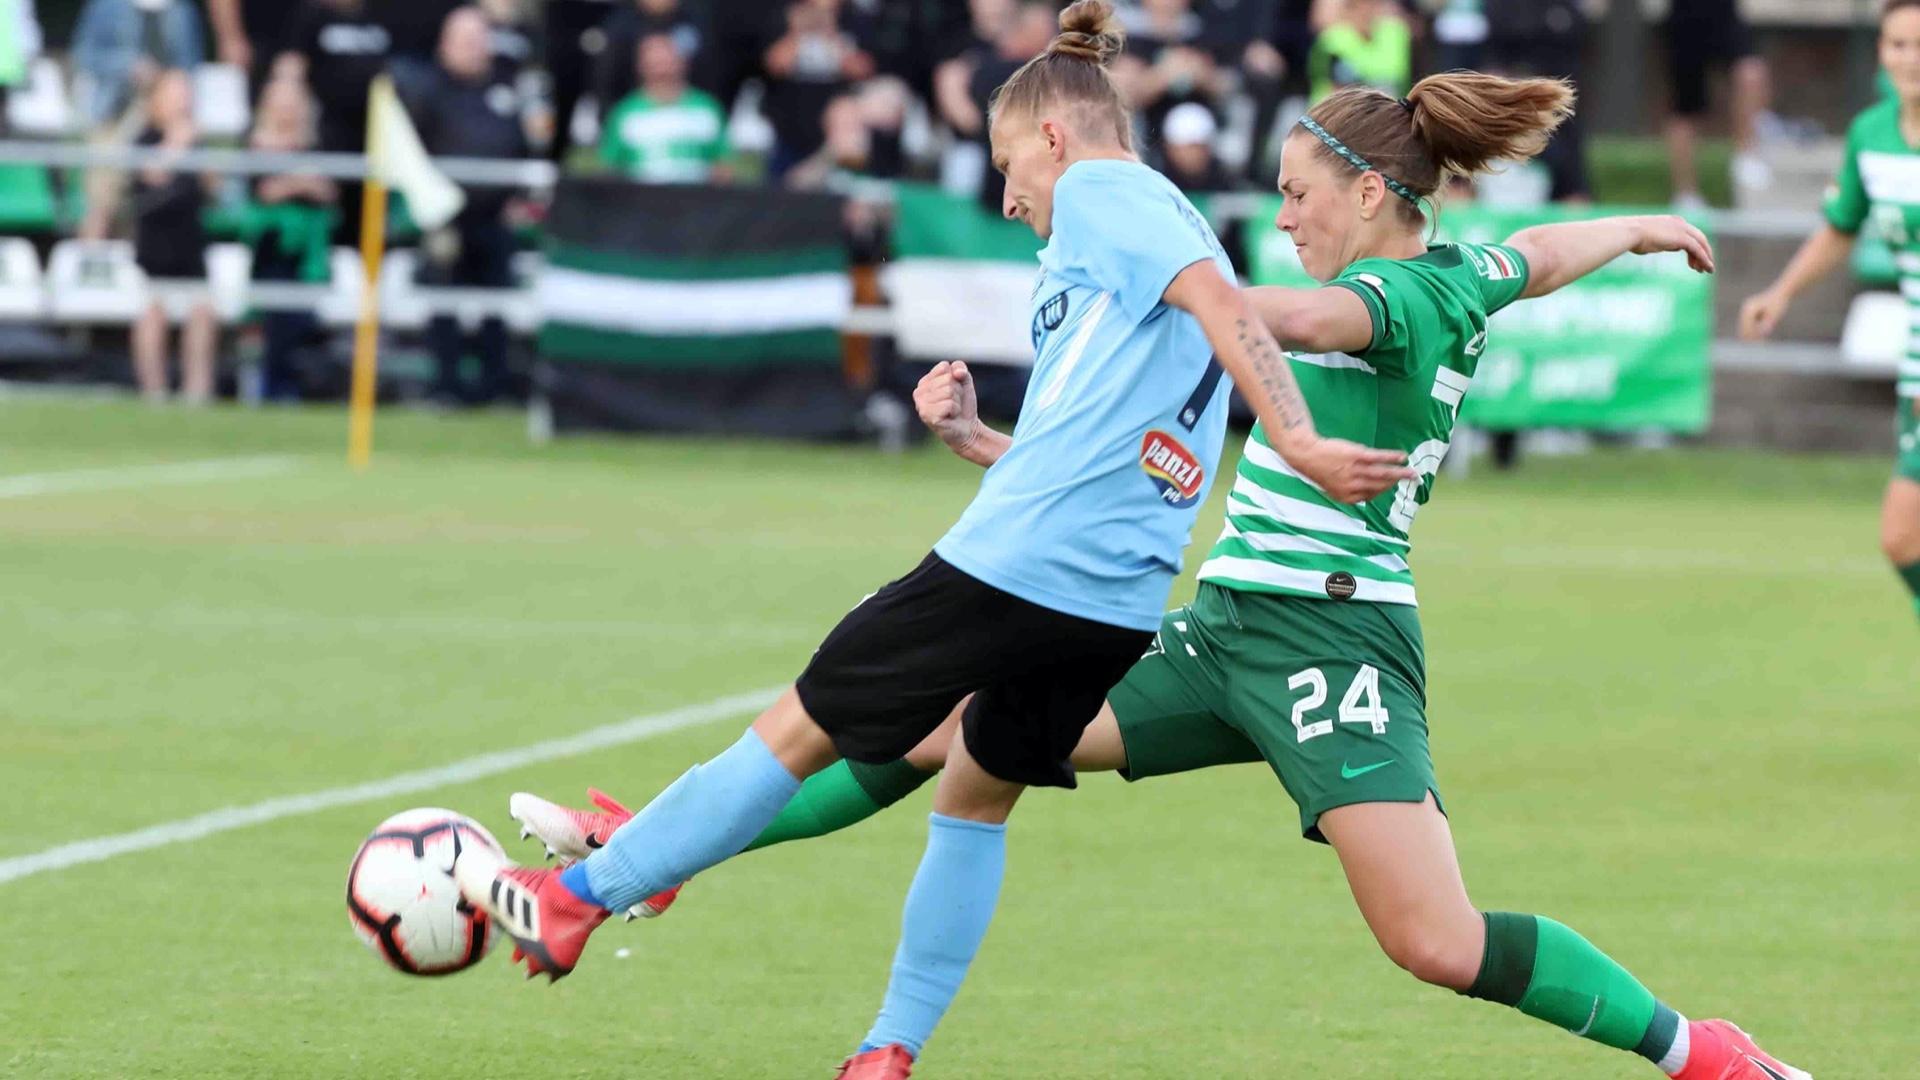 Női labdarúgás: Peches góllal veszítettük el a mindent eldöntő mérkőzést, az FTC indulhat az BL-ben